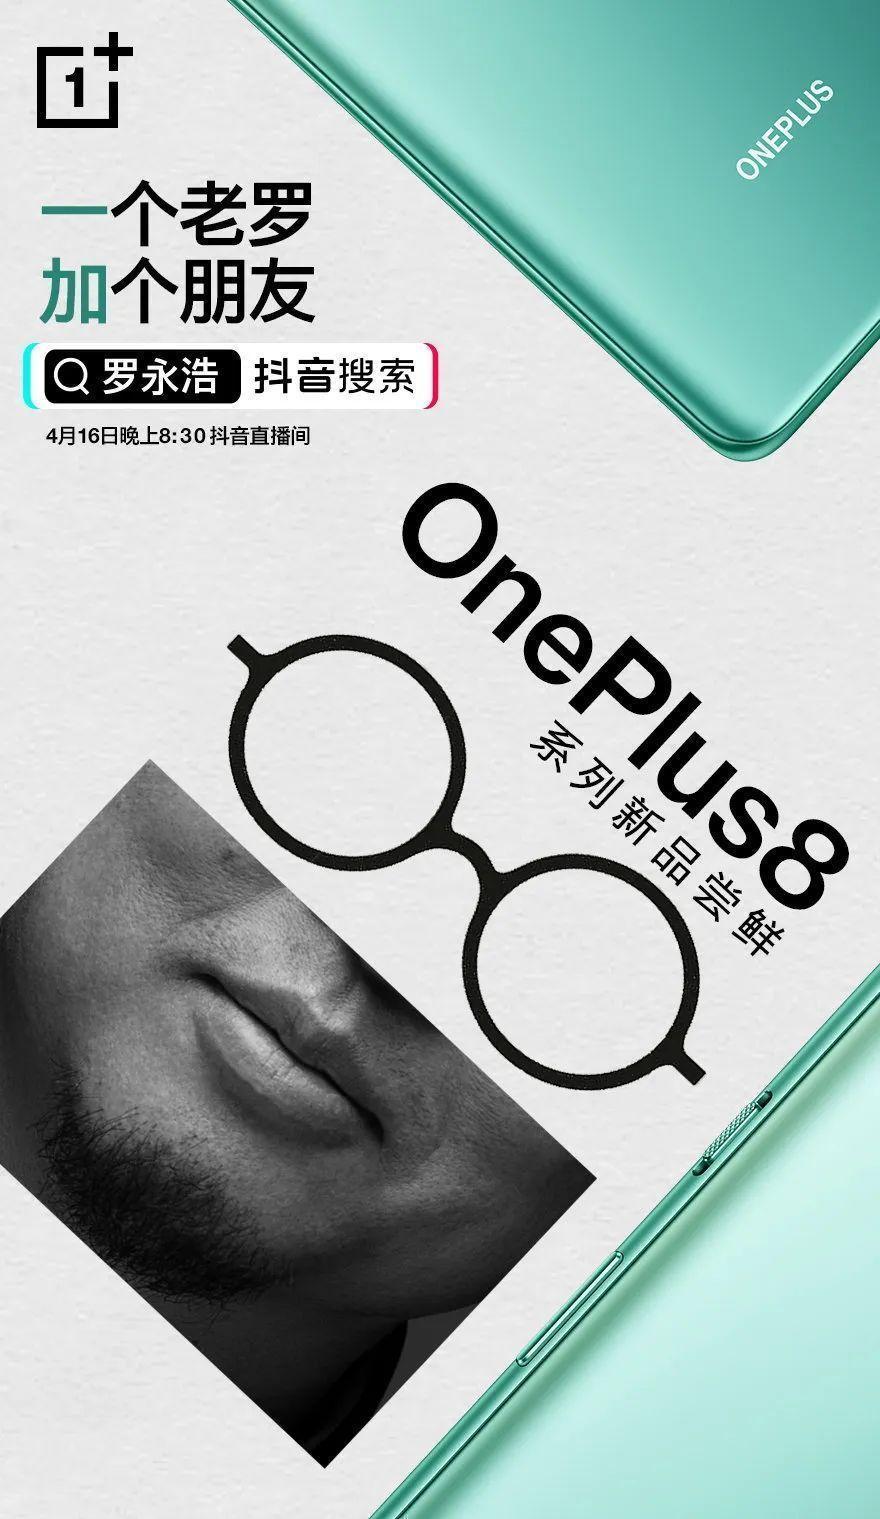 4 月 16 日晚 20:30,来罗永恒直播间一起聊聊 OnePlus 8